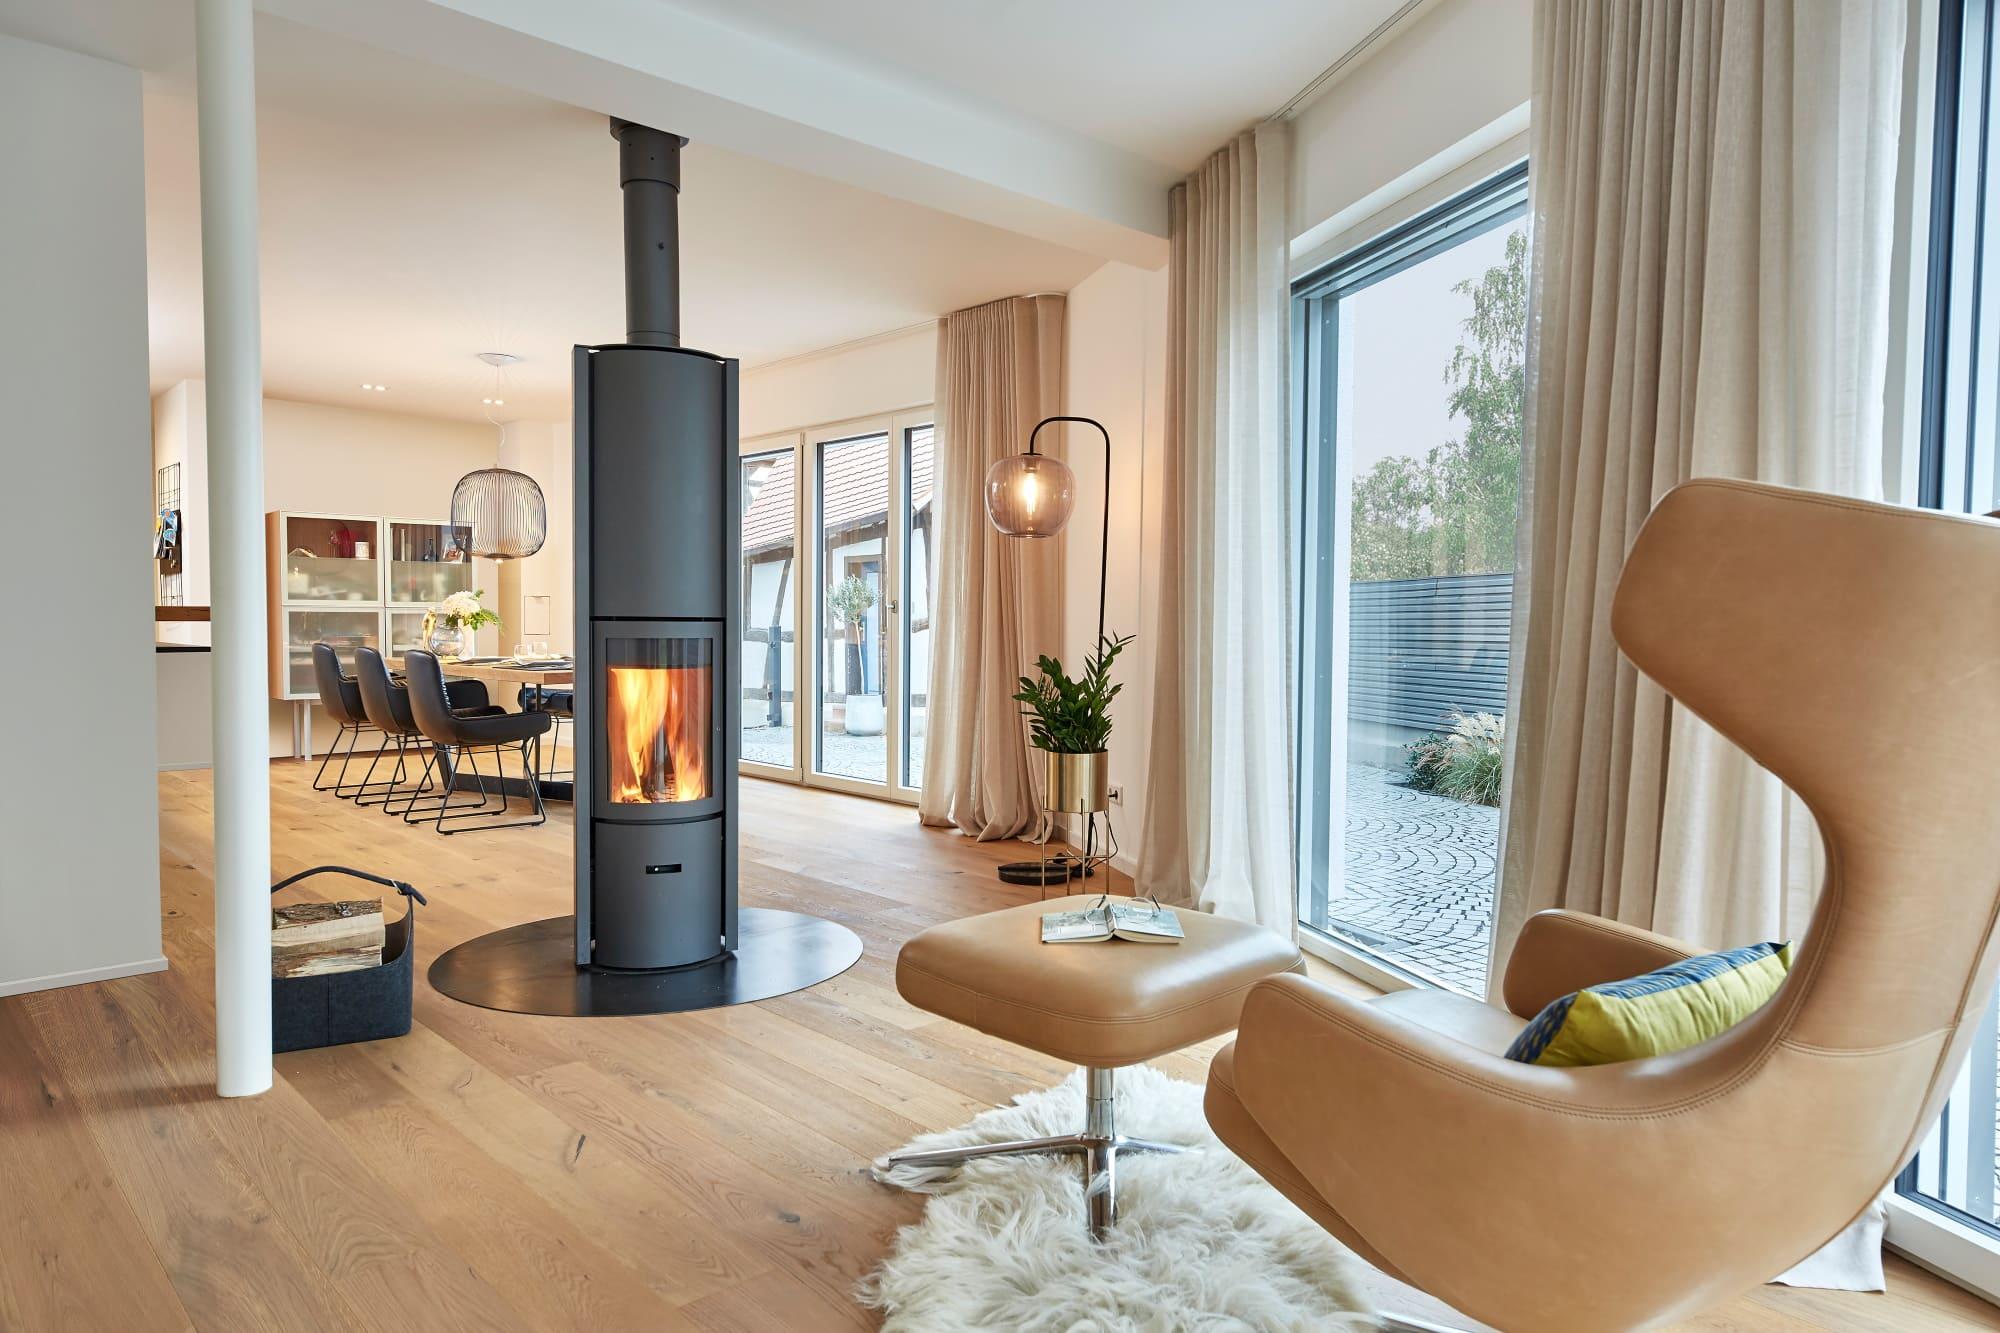 Kaminofen als Raumteiler zwischen Wohn- und Esszimmer - Ideen Inneneinrichtung Haus Design Baufritz STADTHAUS EHRMANN - HausbauDirekt.de